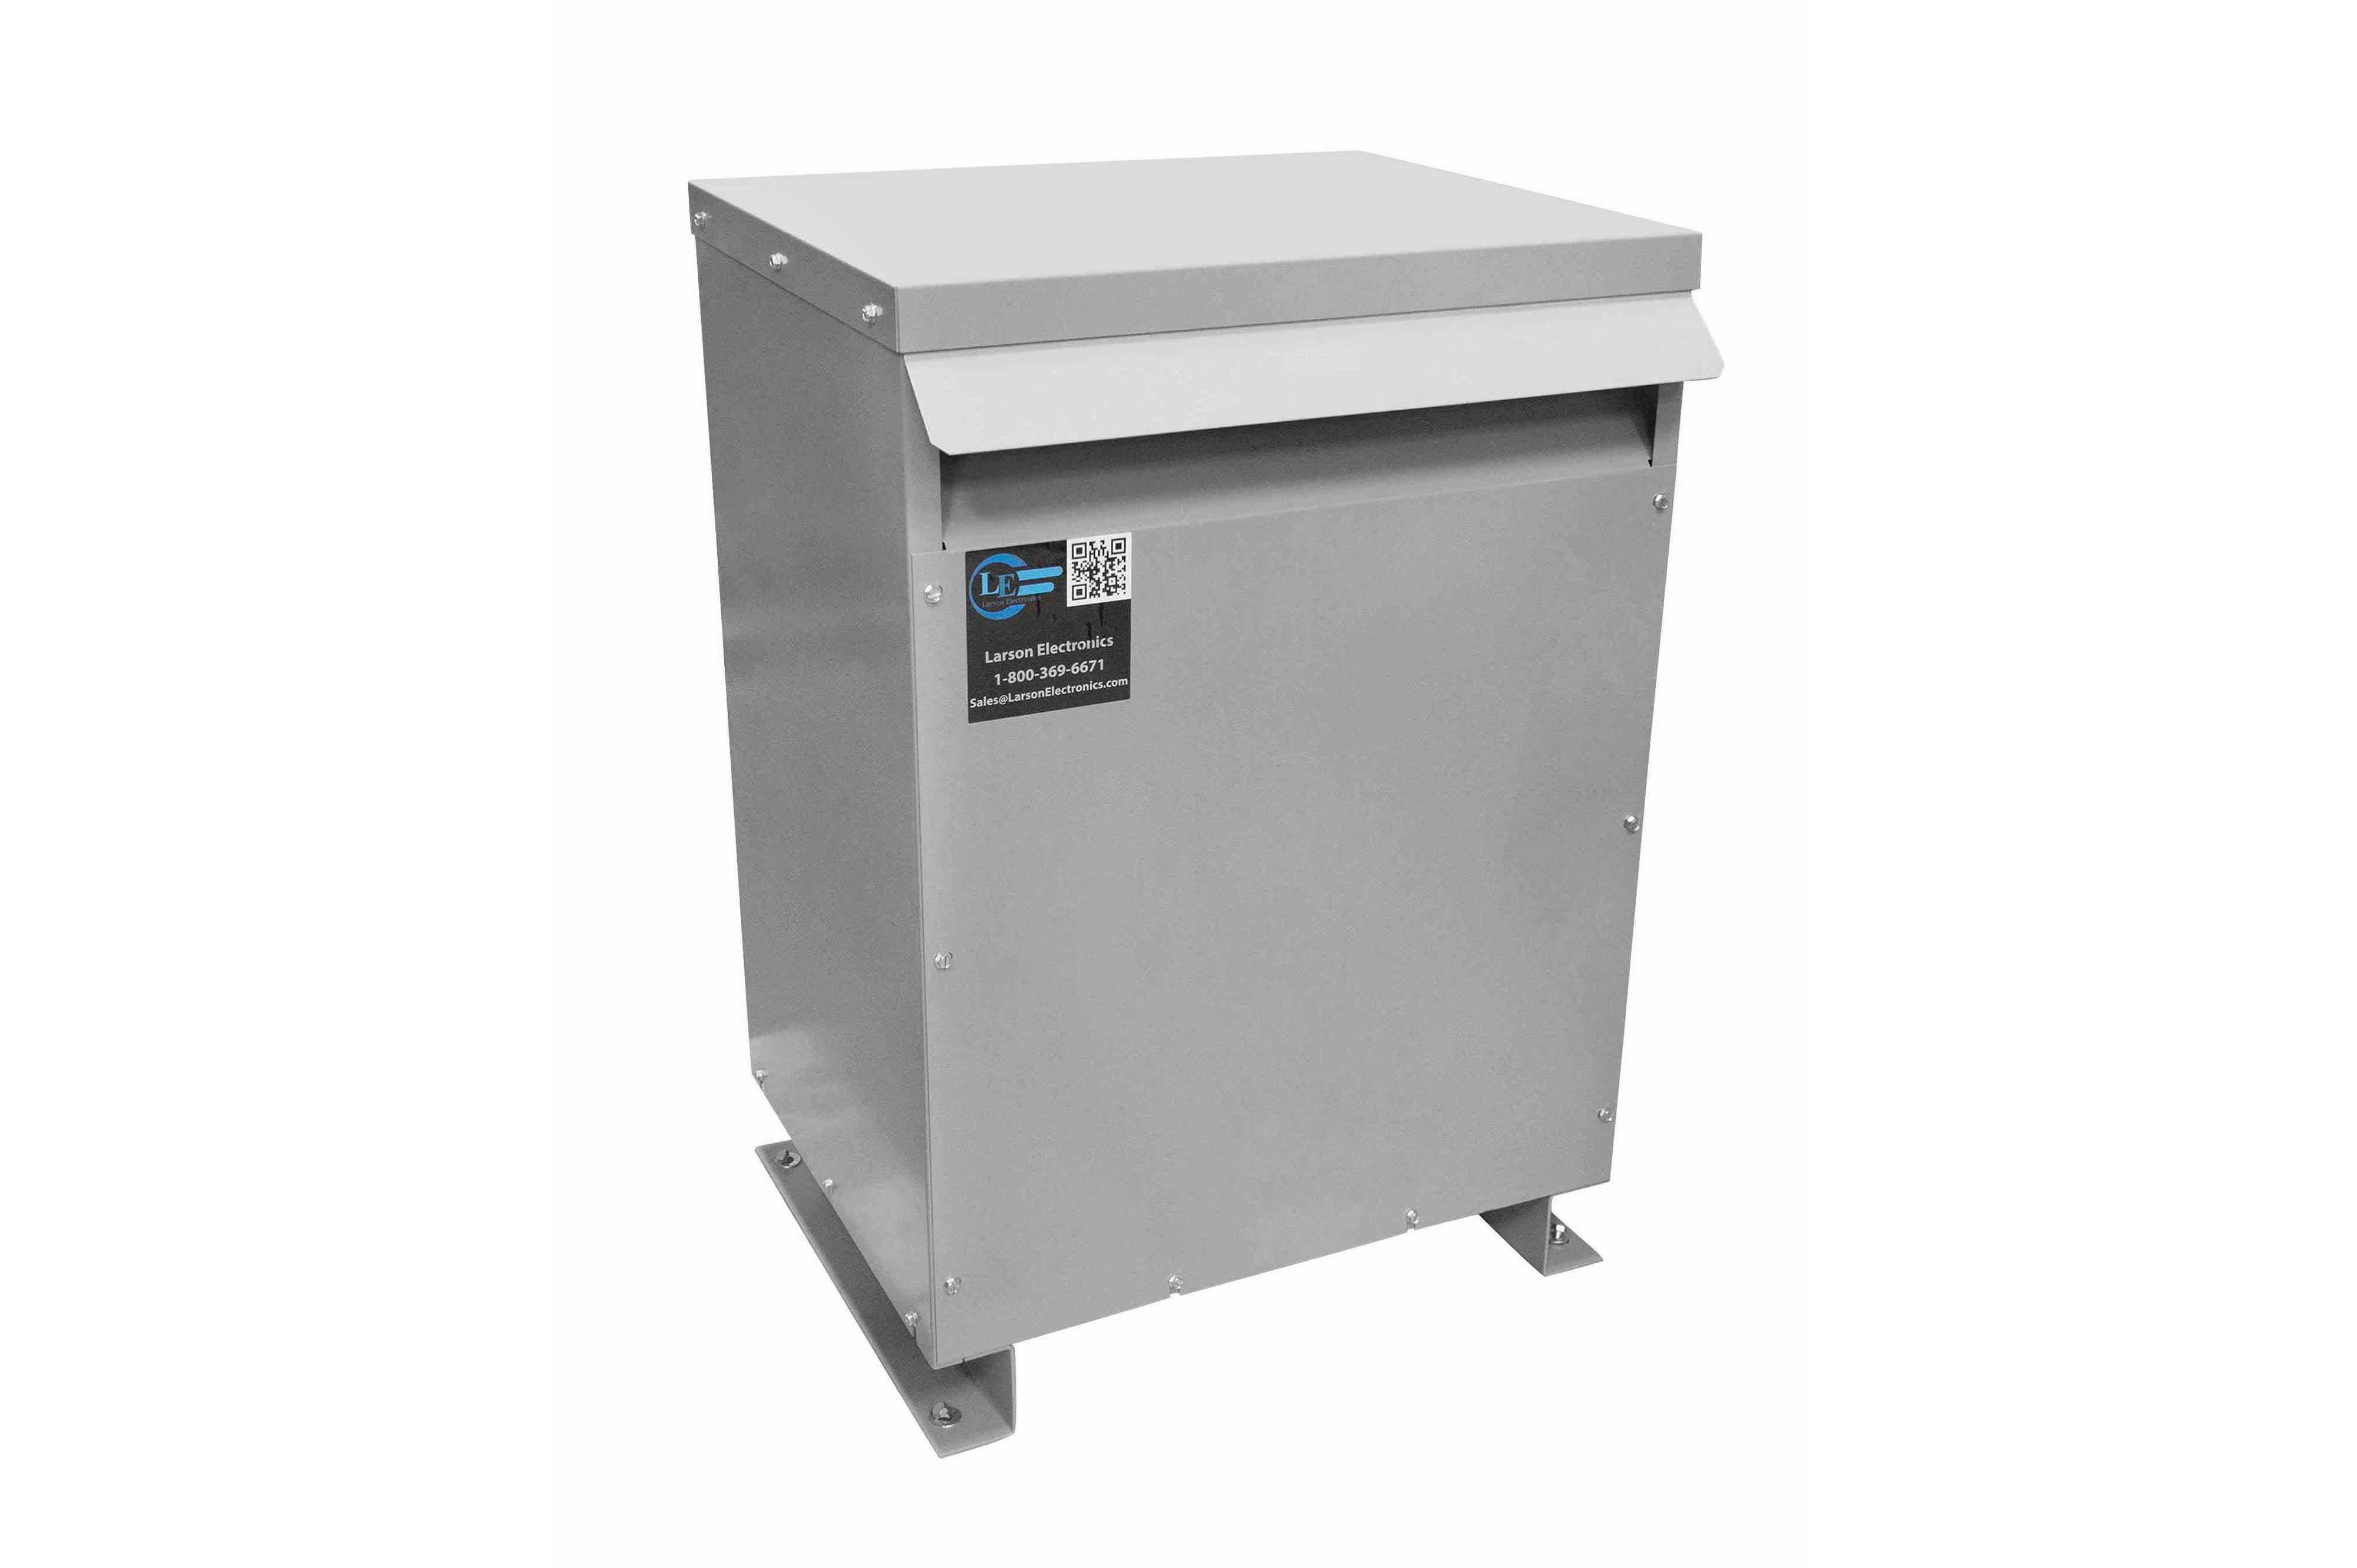 15 kVA 3PH Isolation Transformer, 460V Delta Primary, 575V Delta Secondary, N3R, Ventilated, 60 Hz